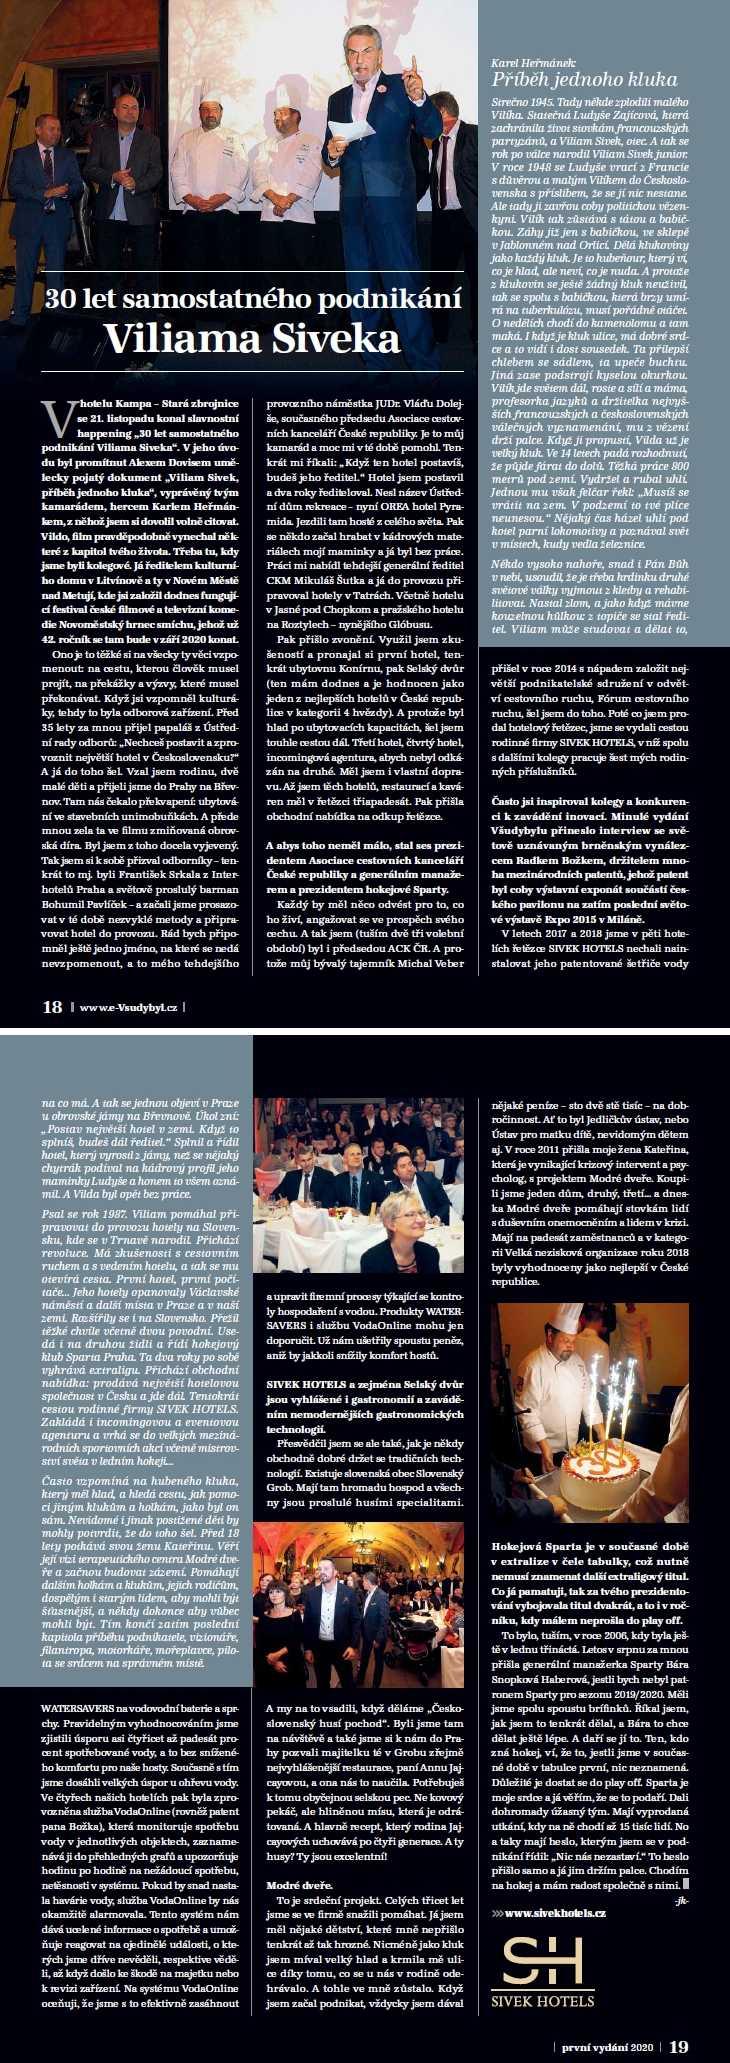 30 let samostatného podnikání Viliama Siveka